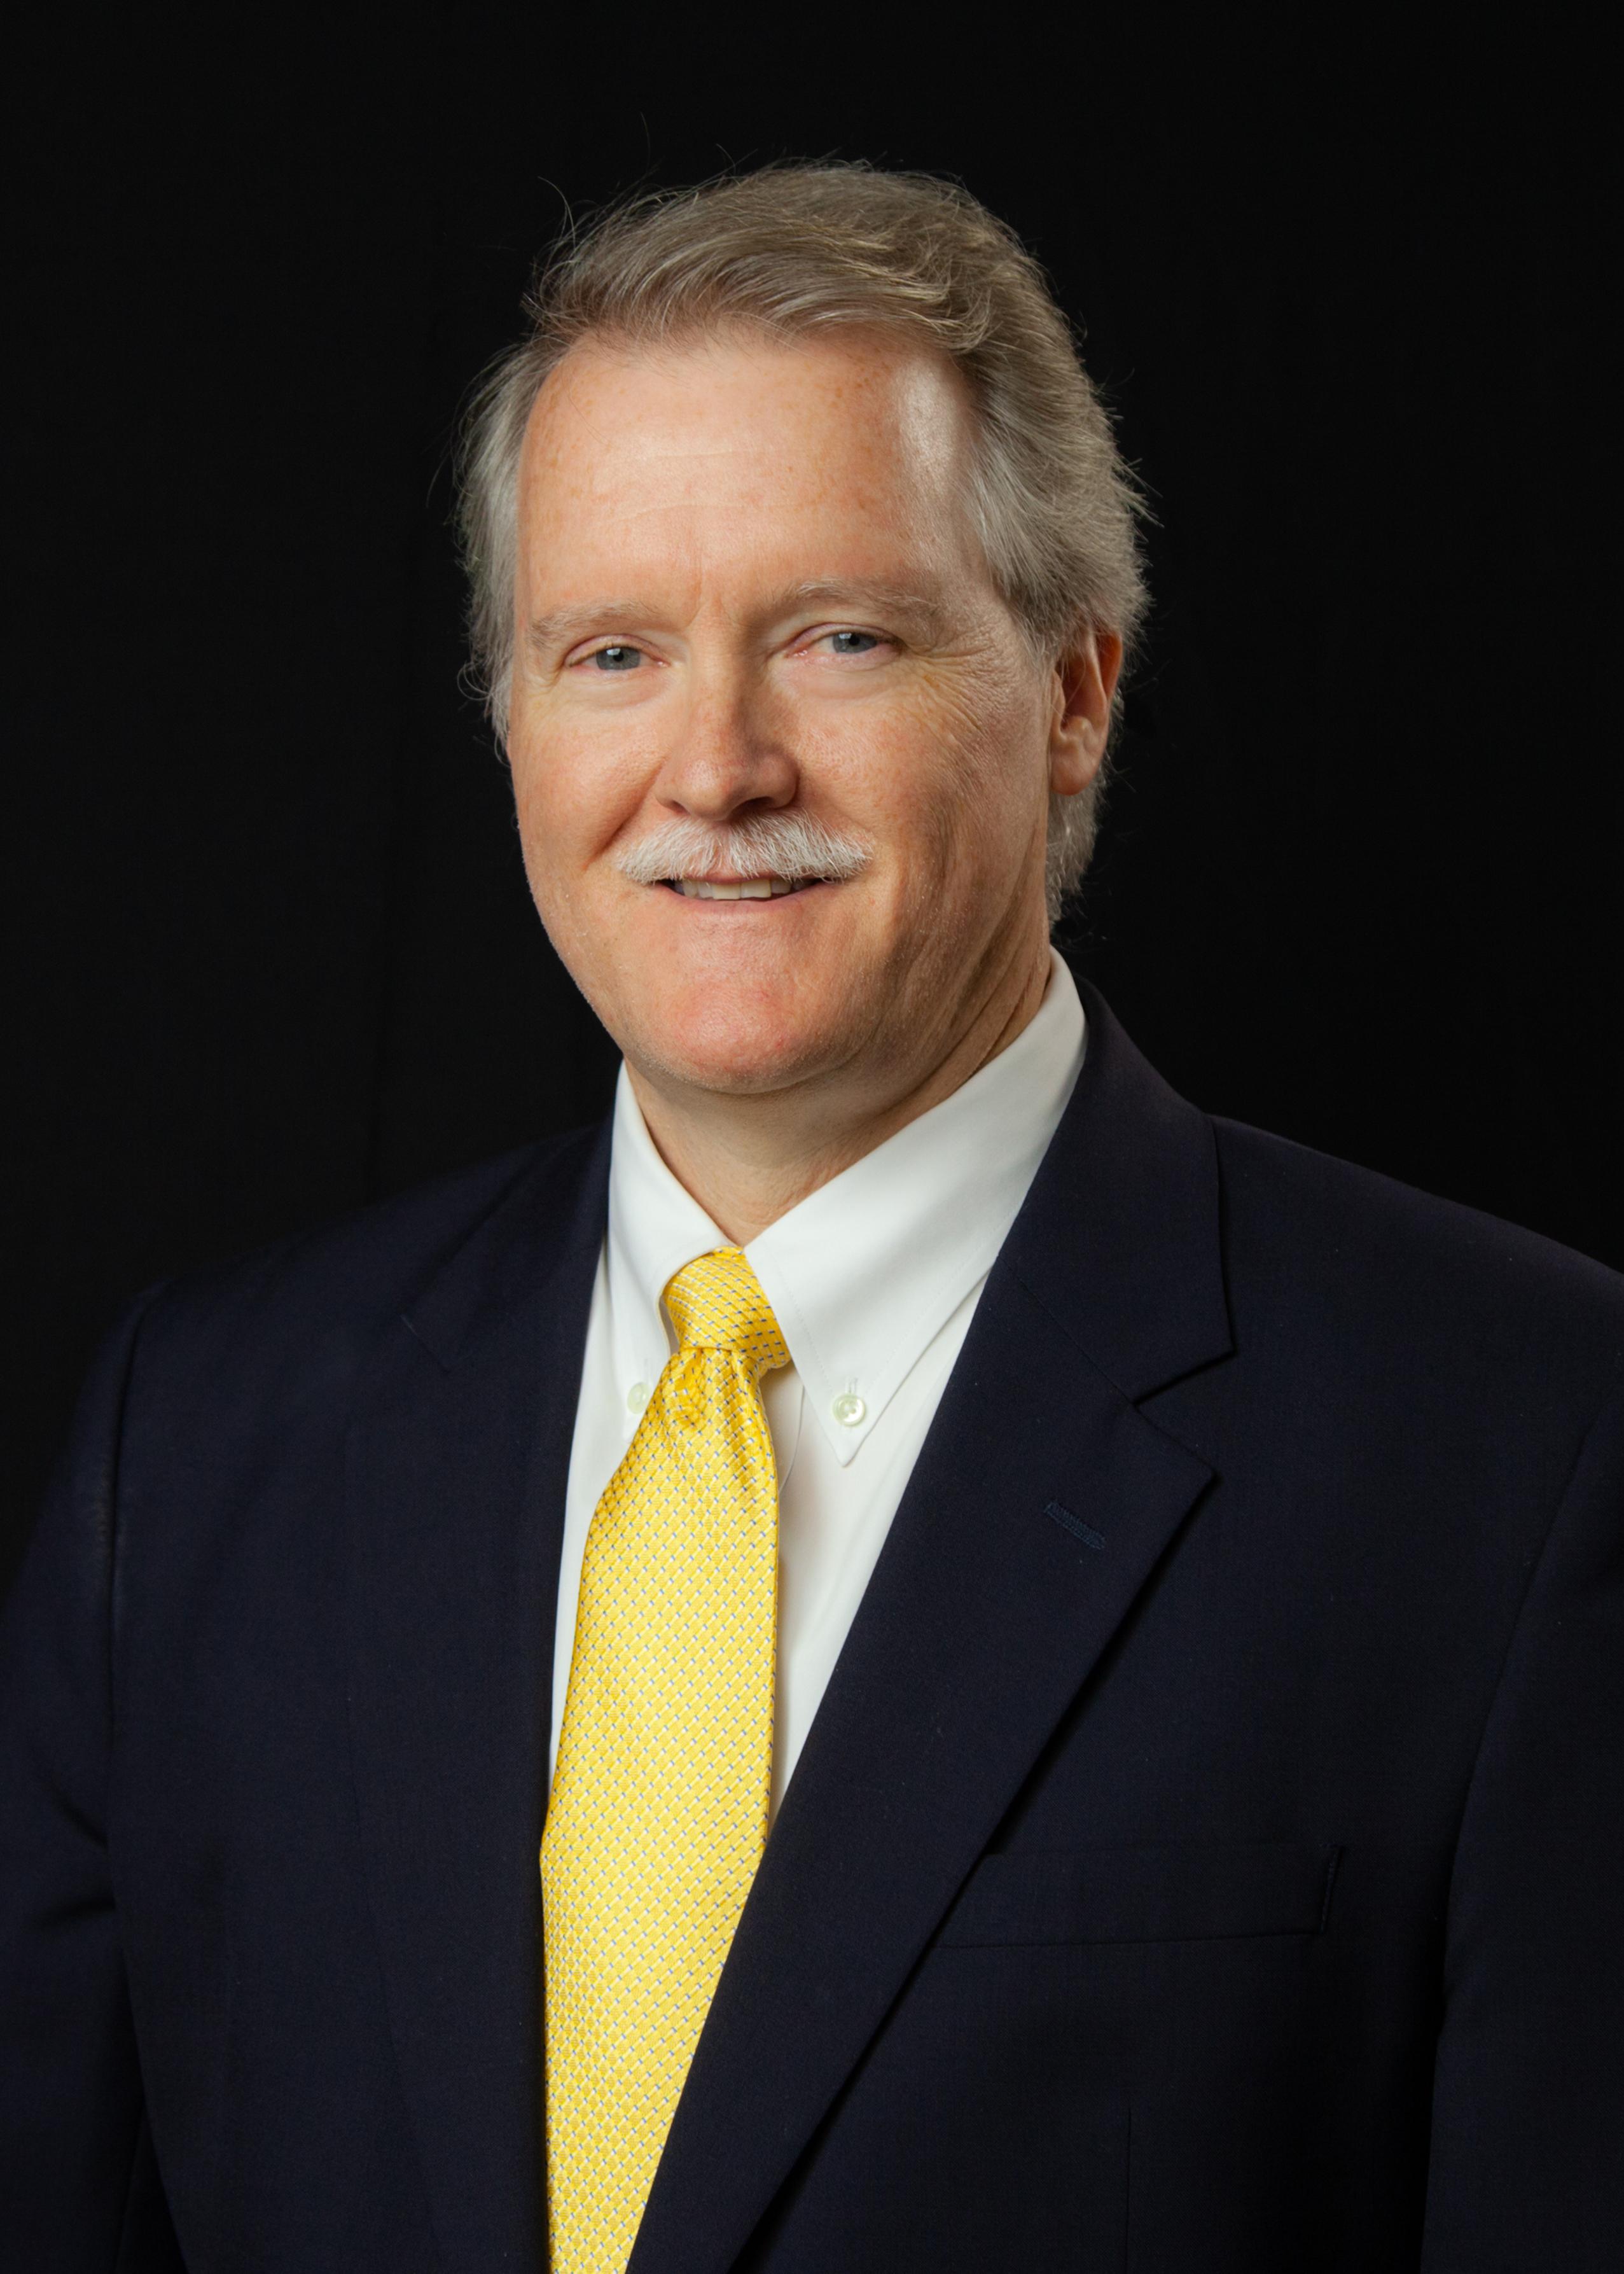 Howard Schmidt, M.B.A.